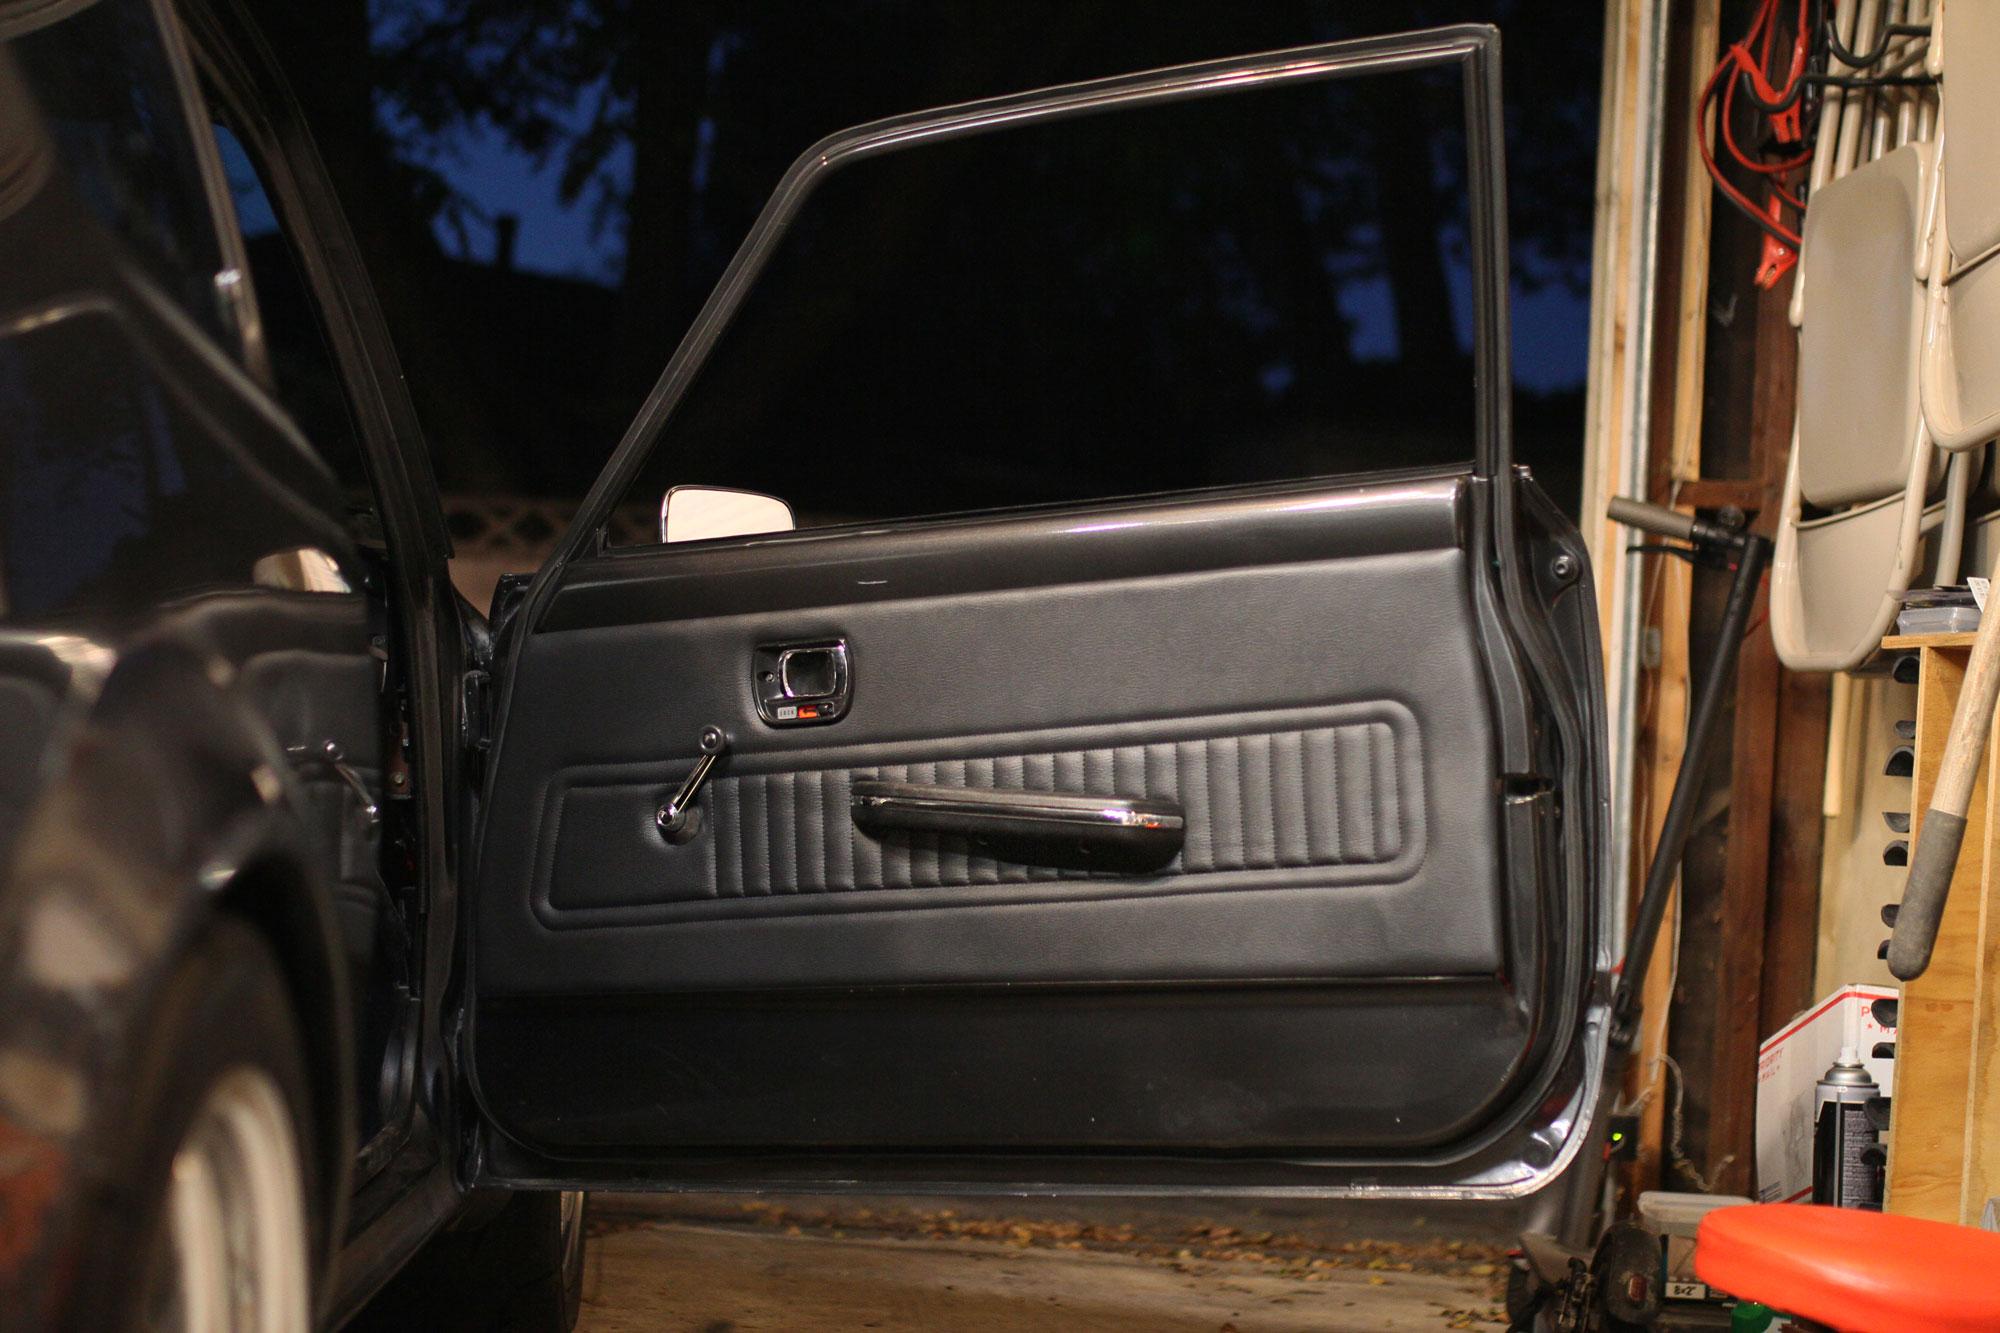 Honda Civic with black interior original.